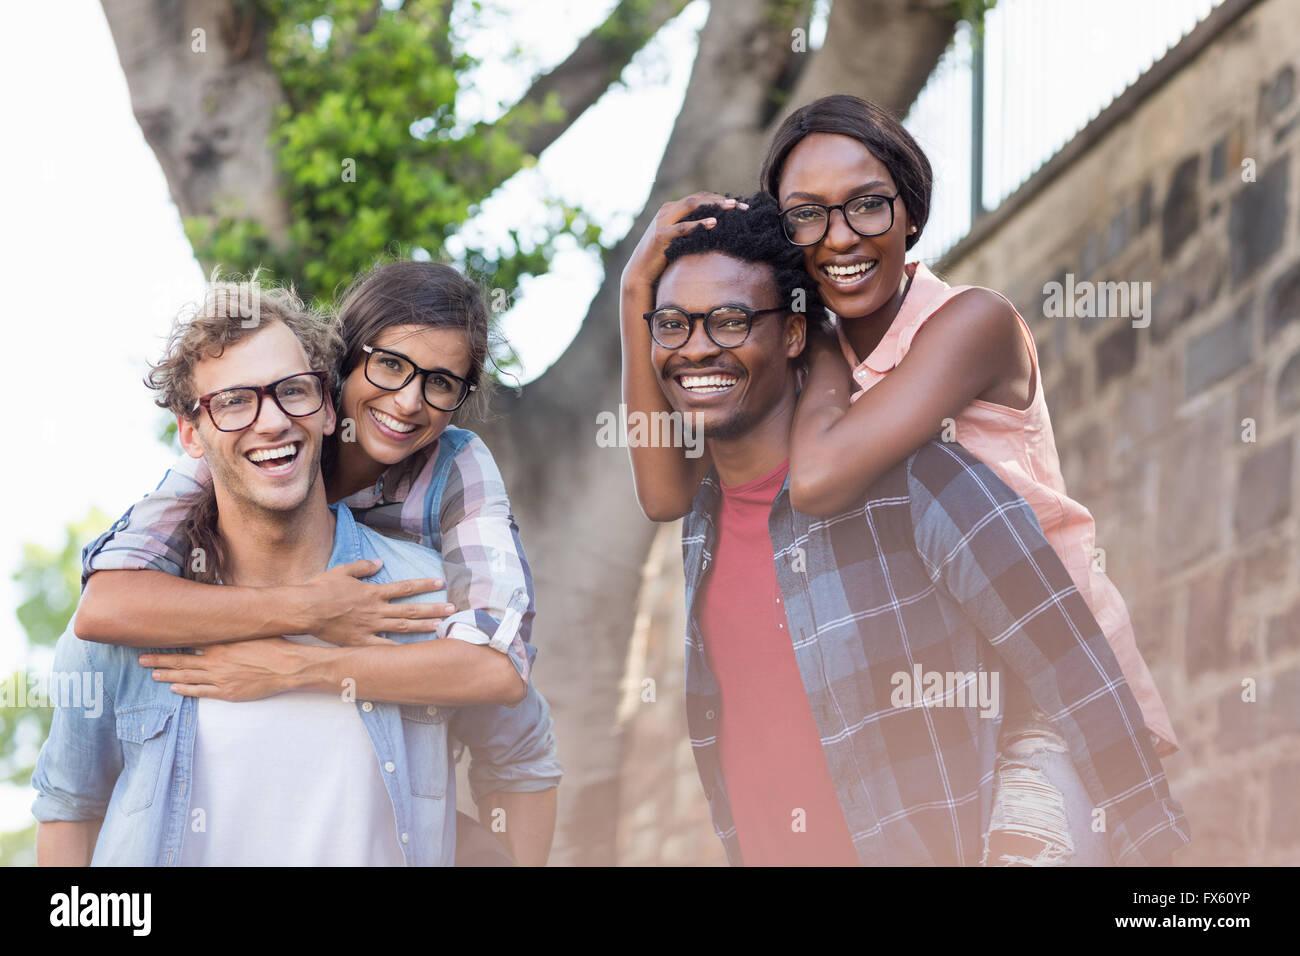 Los hombres jóvenes dando a las mujeres piggyback Imagen De Stock